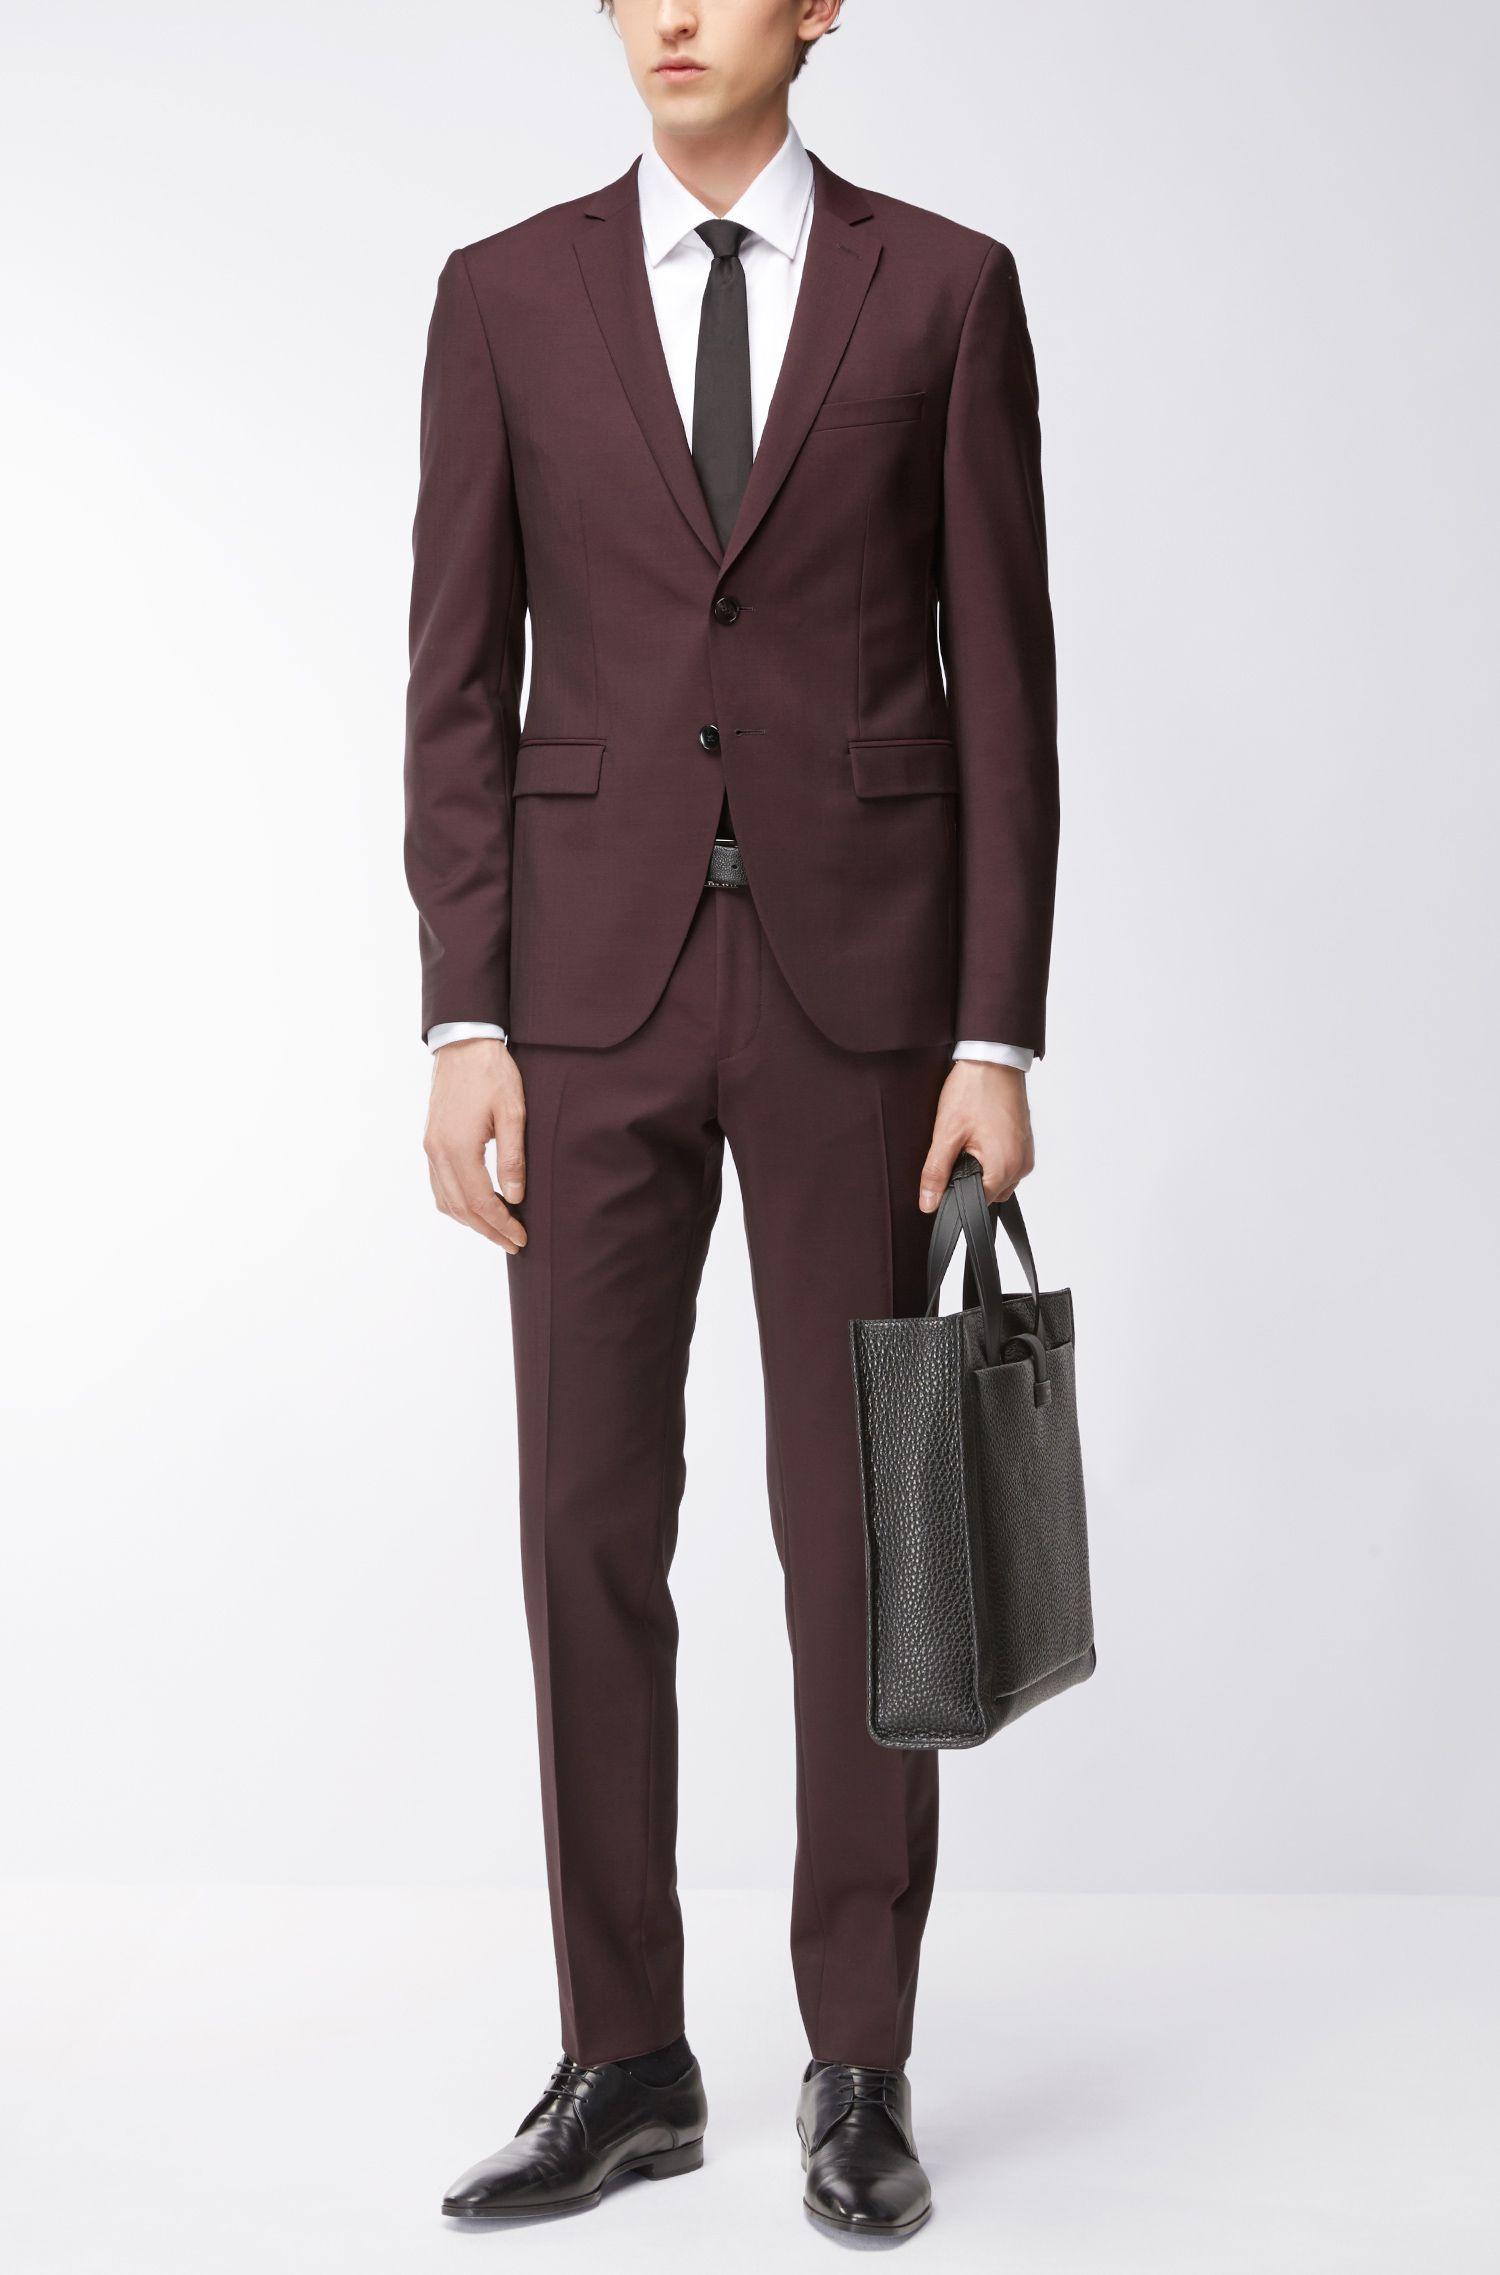 Virgin Wool Mohair Suit, Extra Slim Fit   Reymond/Wenton